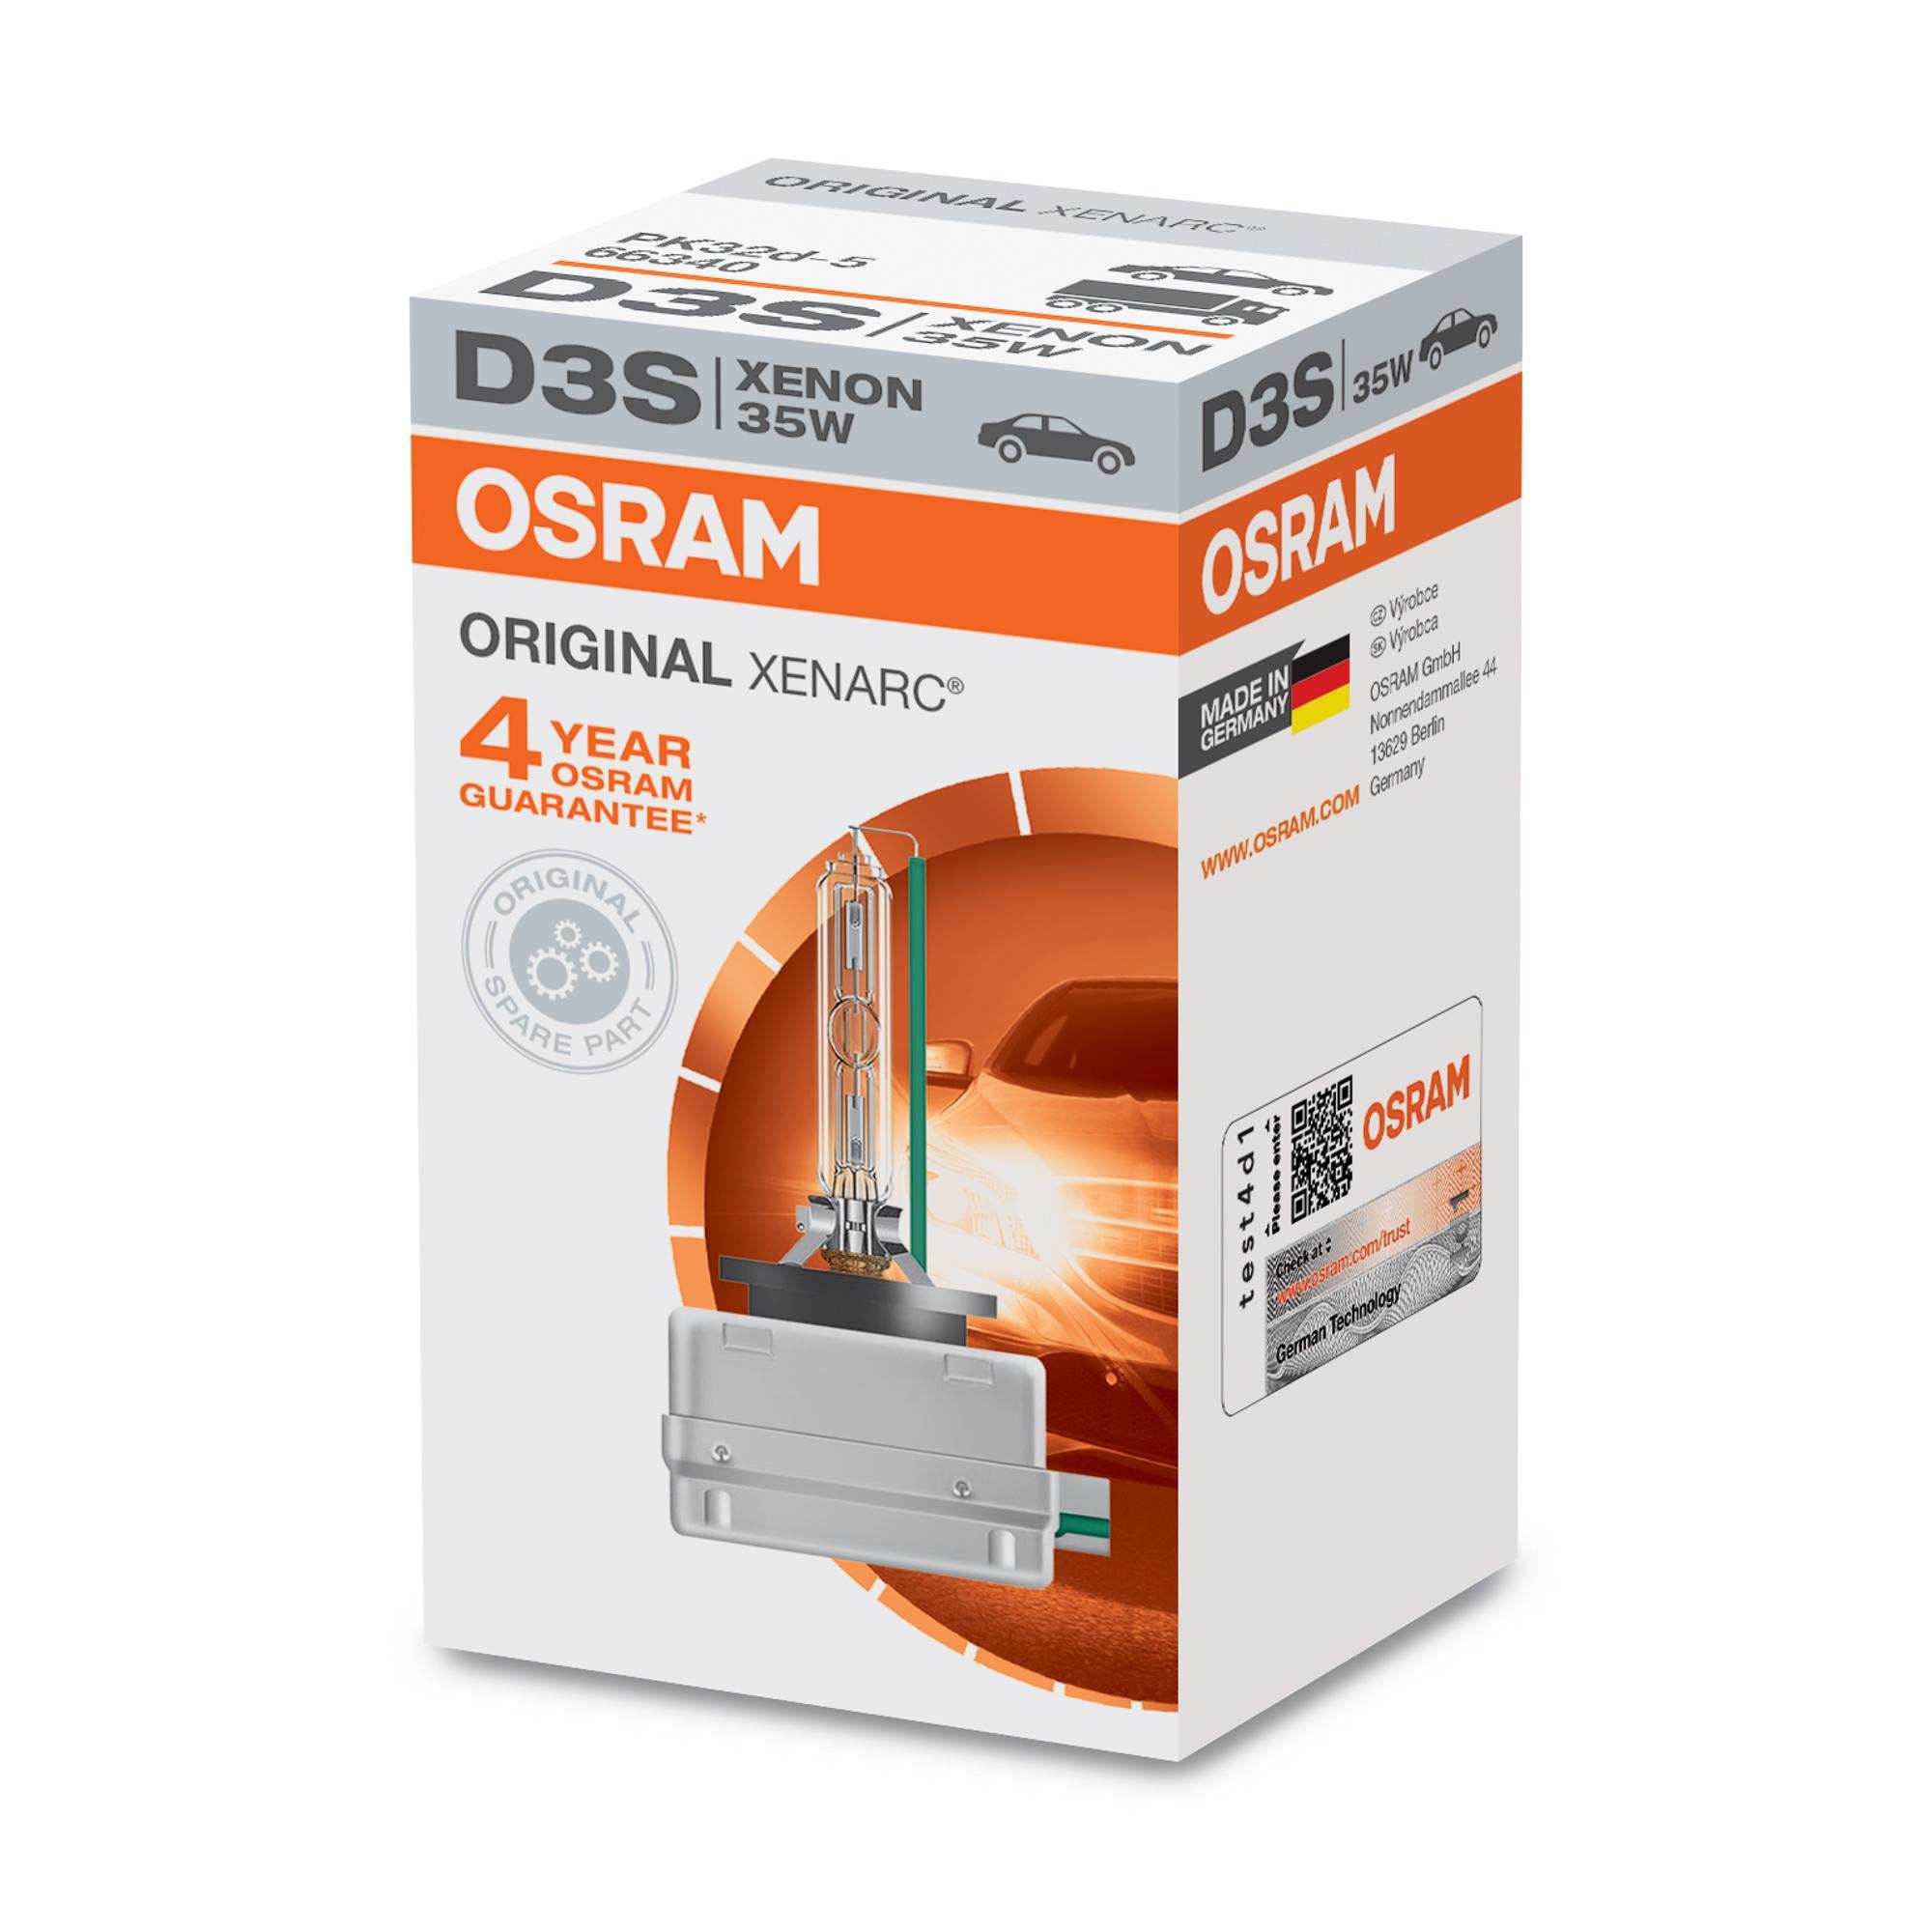 D3S OSRAM XENARC ORIGINAL 35W, D3S (Gasentladungslampe), 42V Glühlampe, Fernscheinwerfer 66340 kaufen